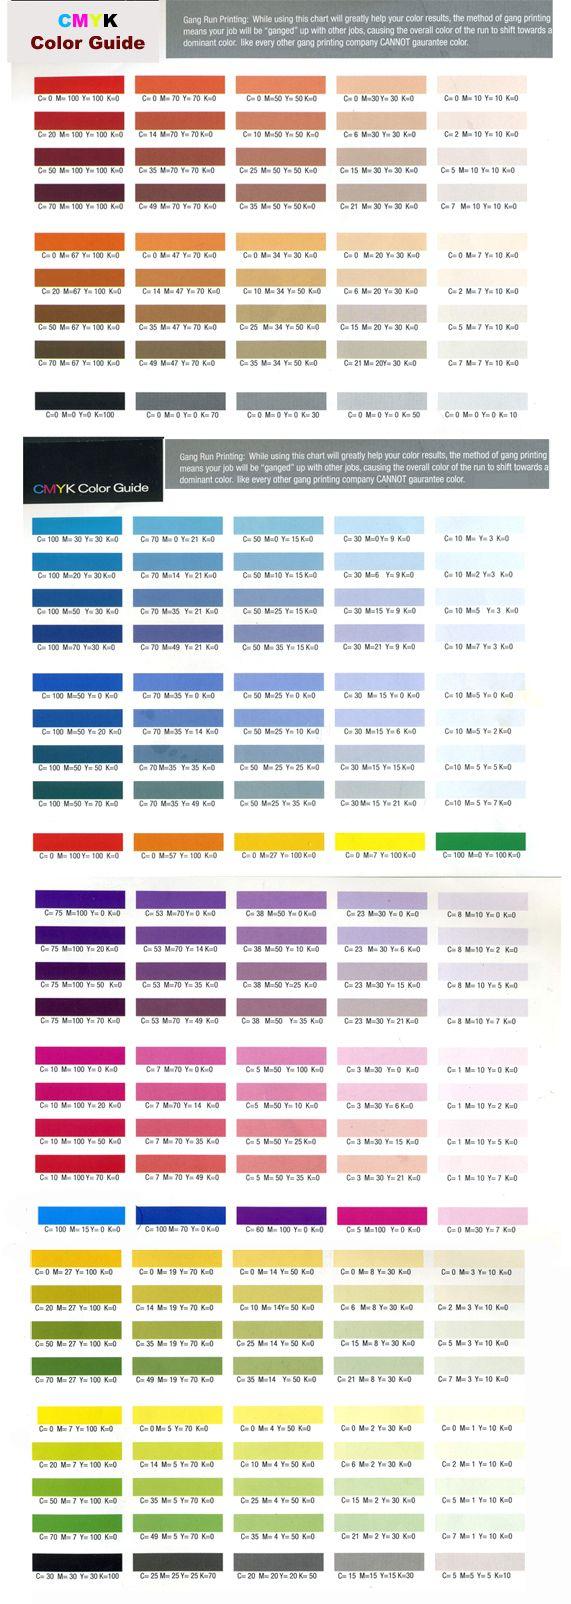 Pin by Cristu Jo on Design | Pantone color chart, Cmyk color